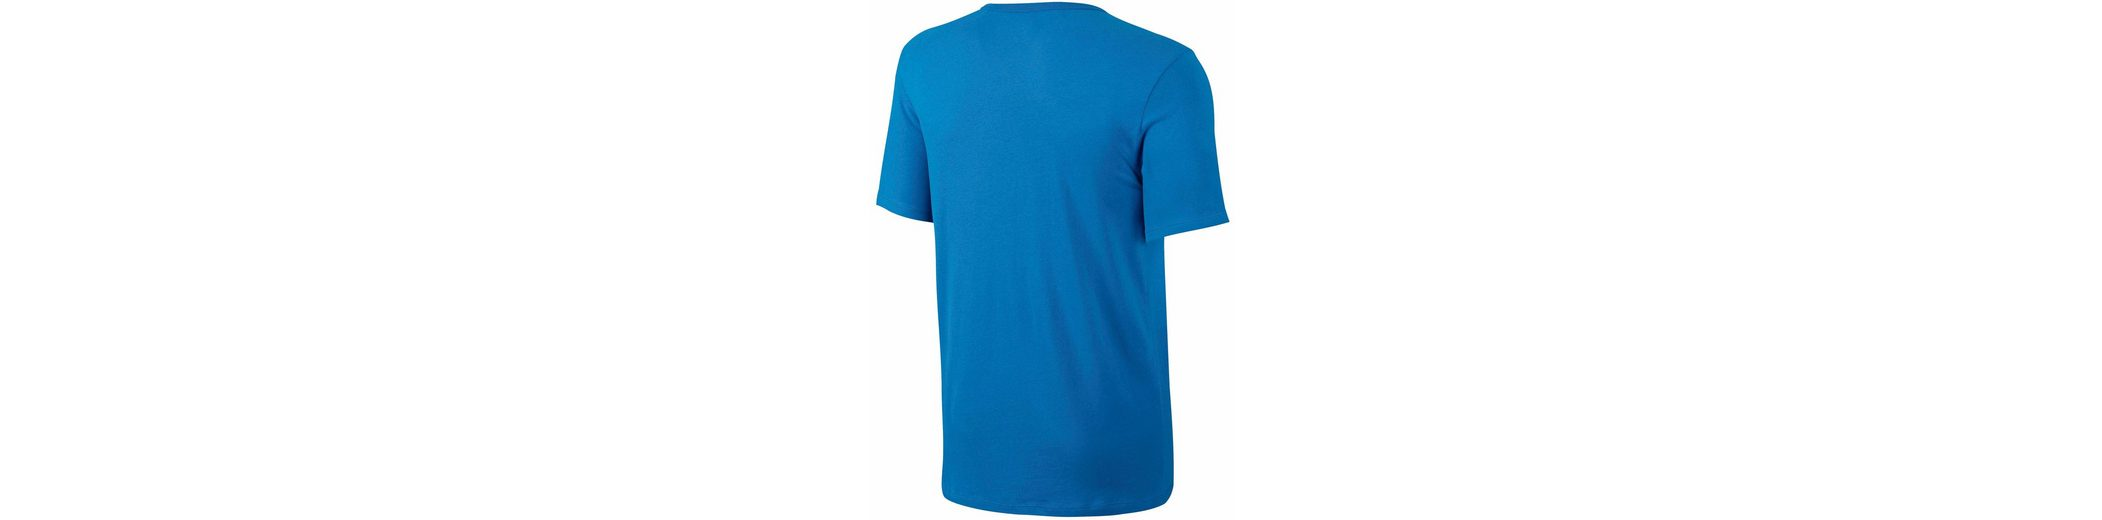 Billig Rabatt Authentisch Rote Vorbestellung Eastbay Nike Sportswear Rundhalsshirt NIKE TEE-FUTURA ICON fdNGYh